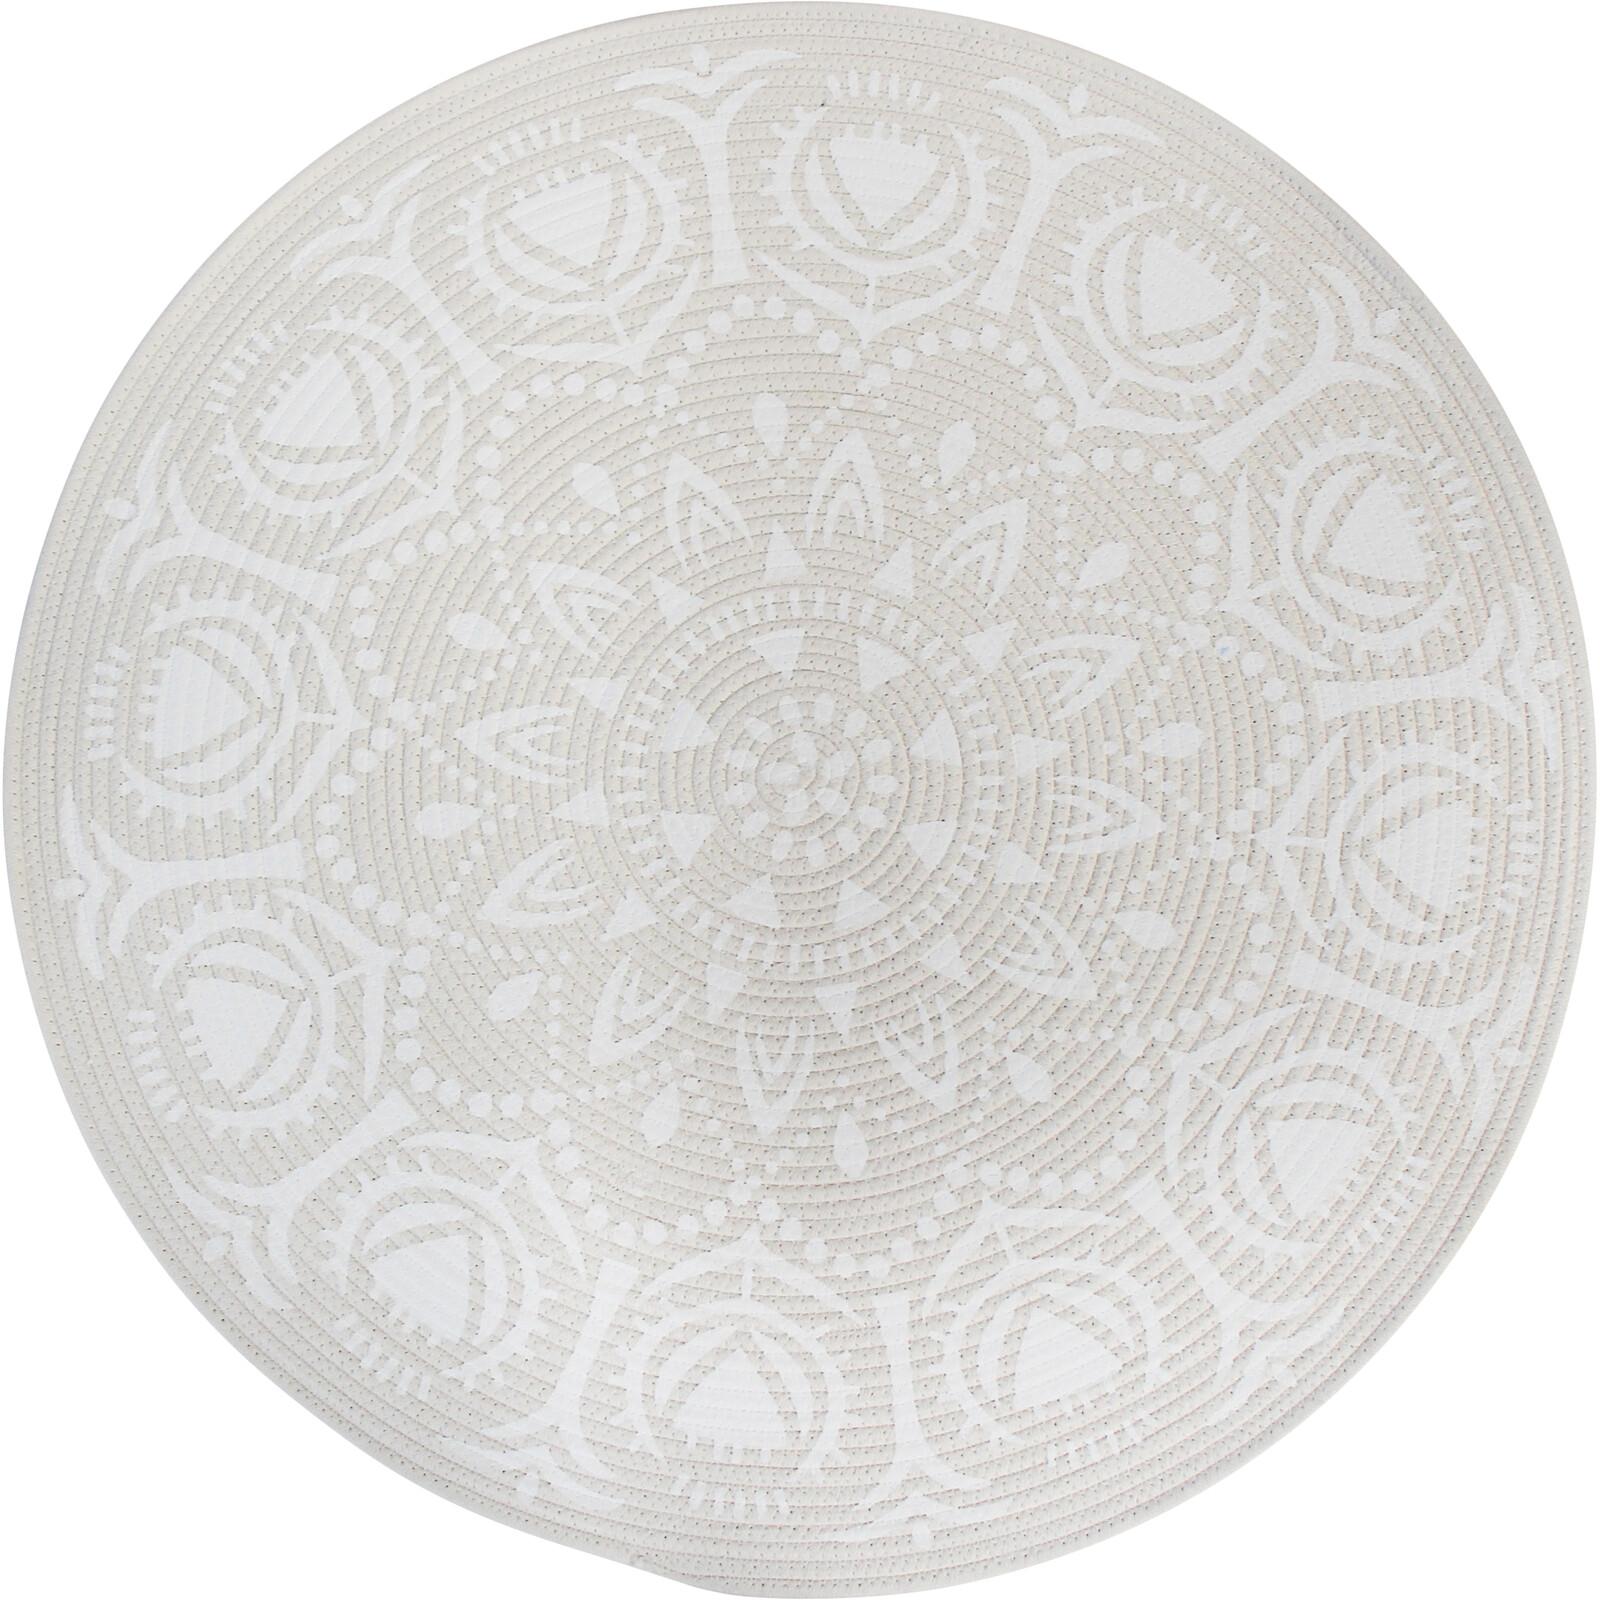 Mat 80cm  Mandala White